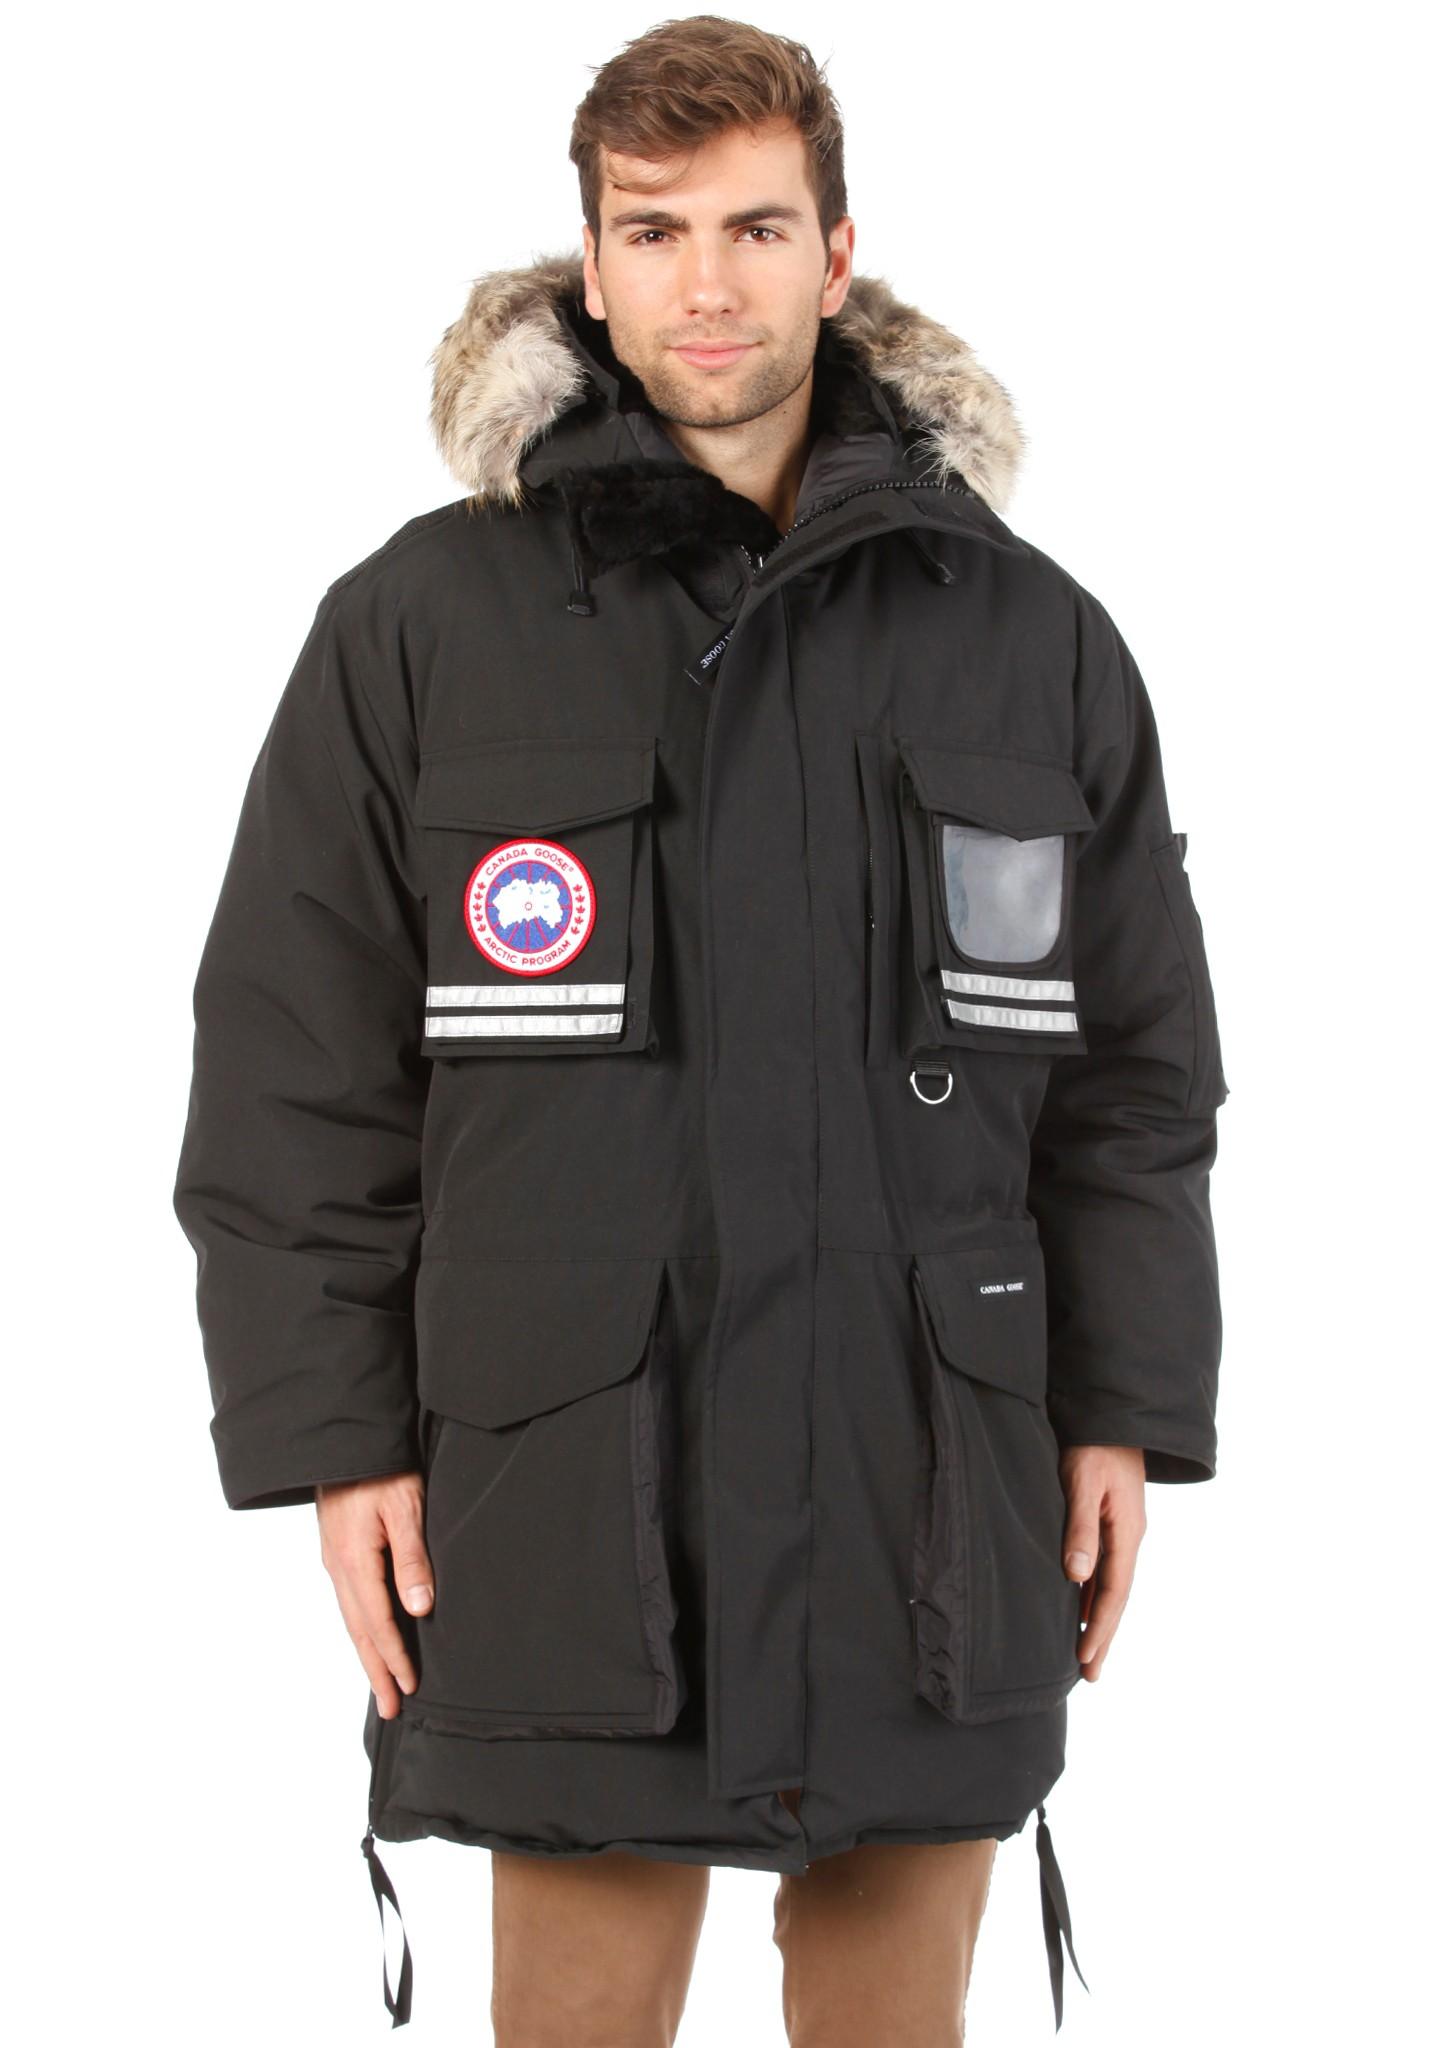 neu canada goose snow mantra parka jacket herren. Black Bedroom Furniture Sets. Home Design Ideas